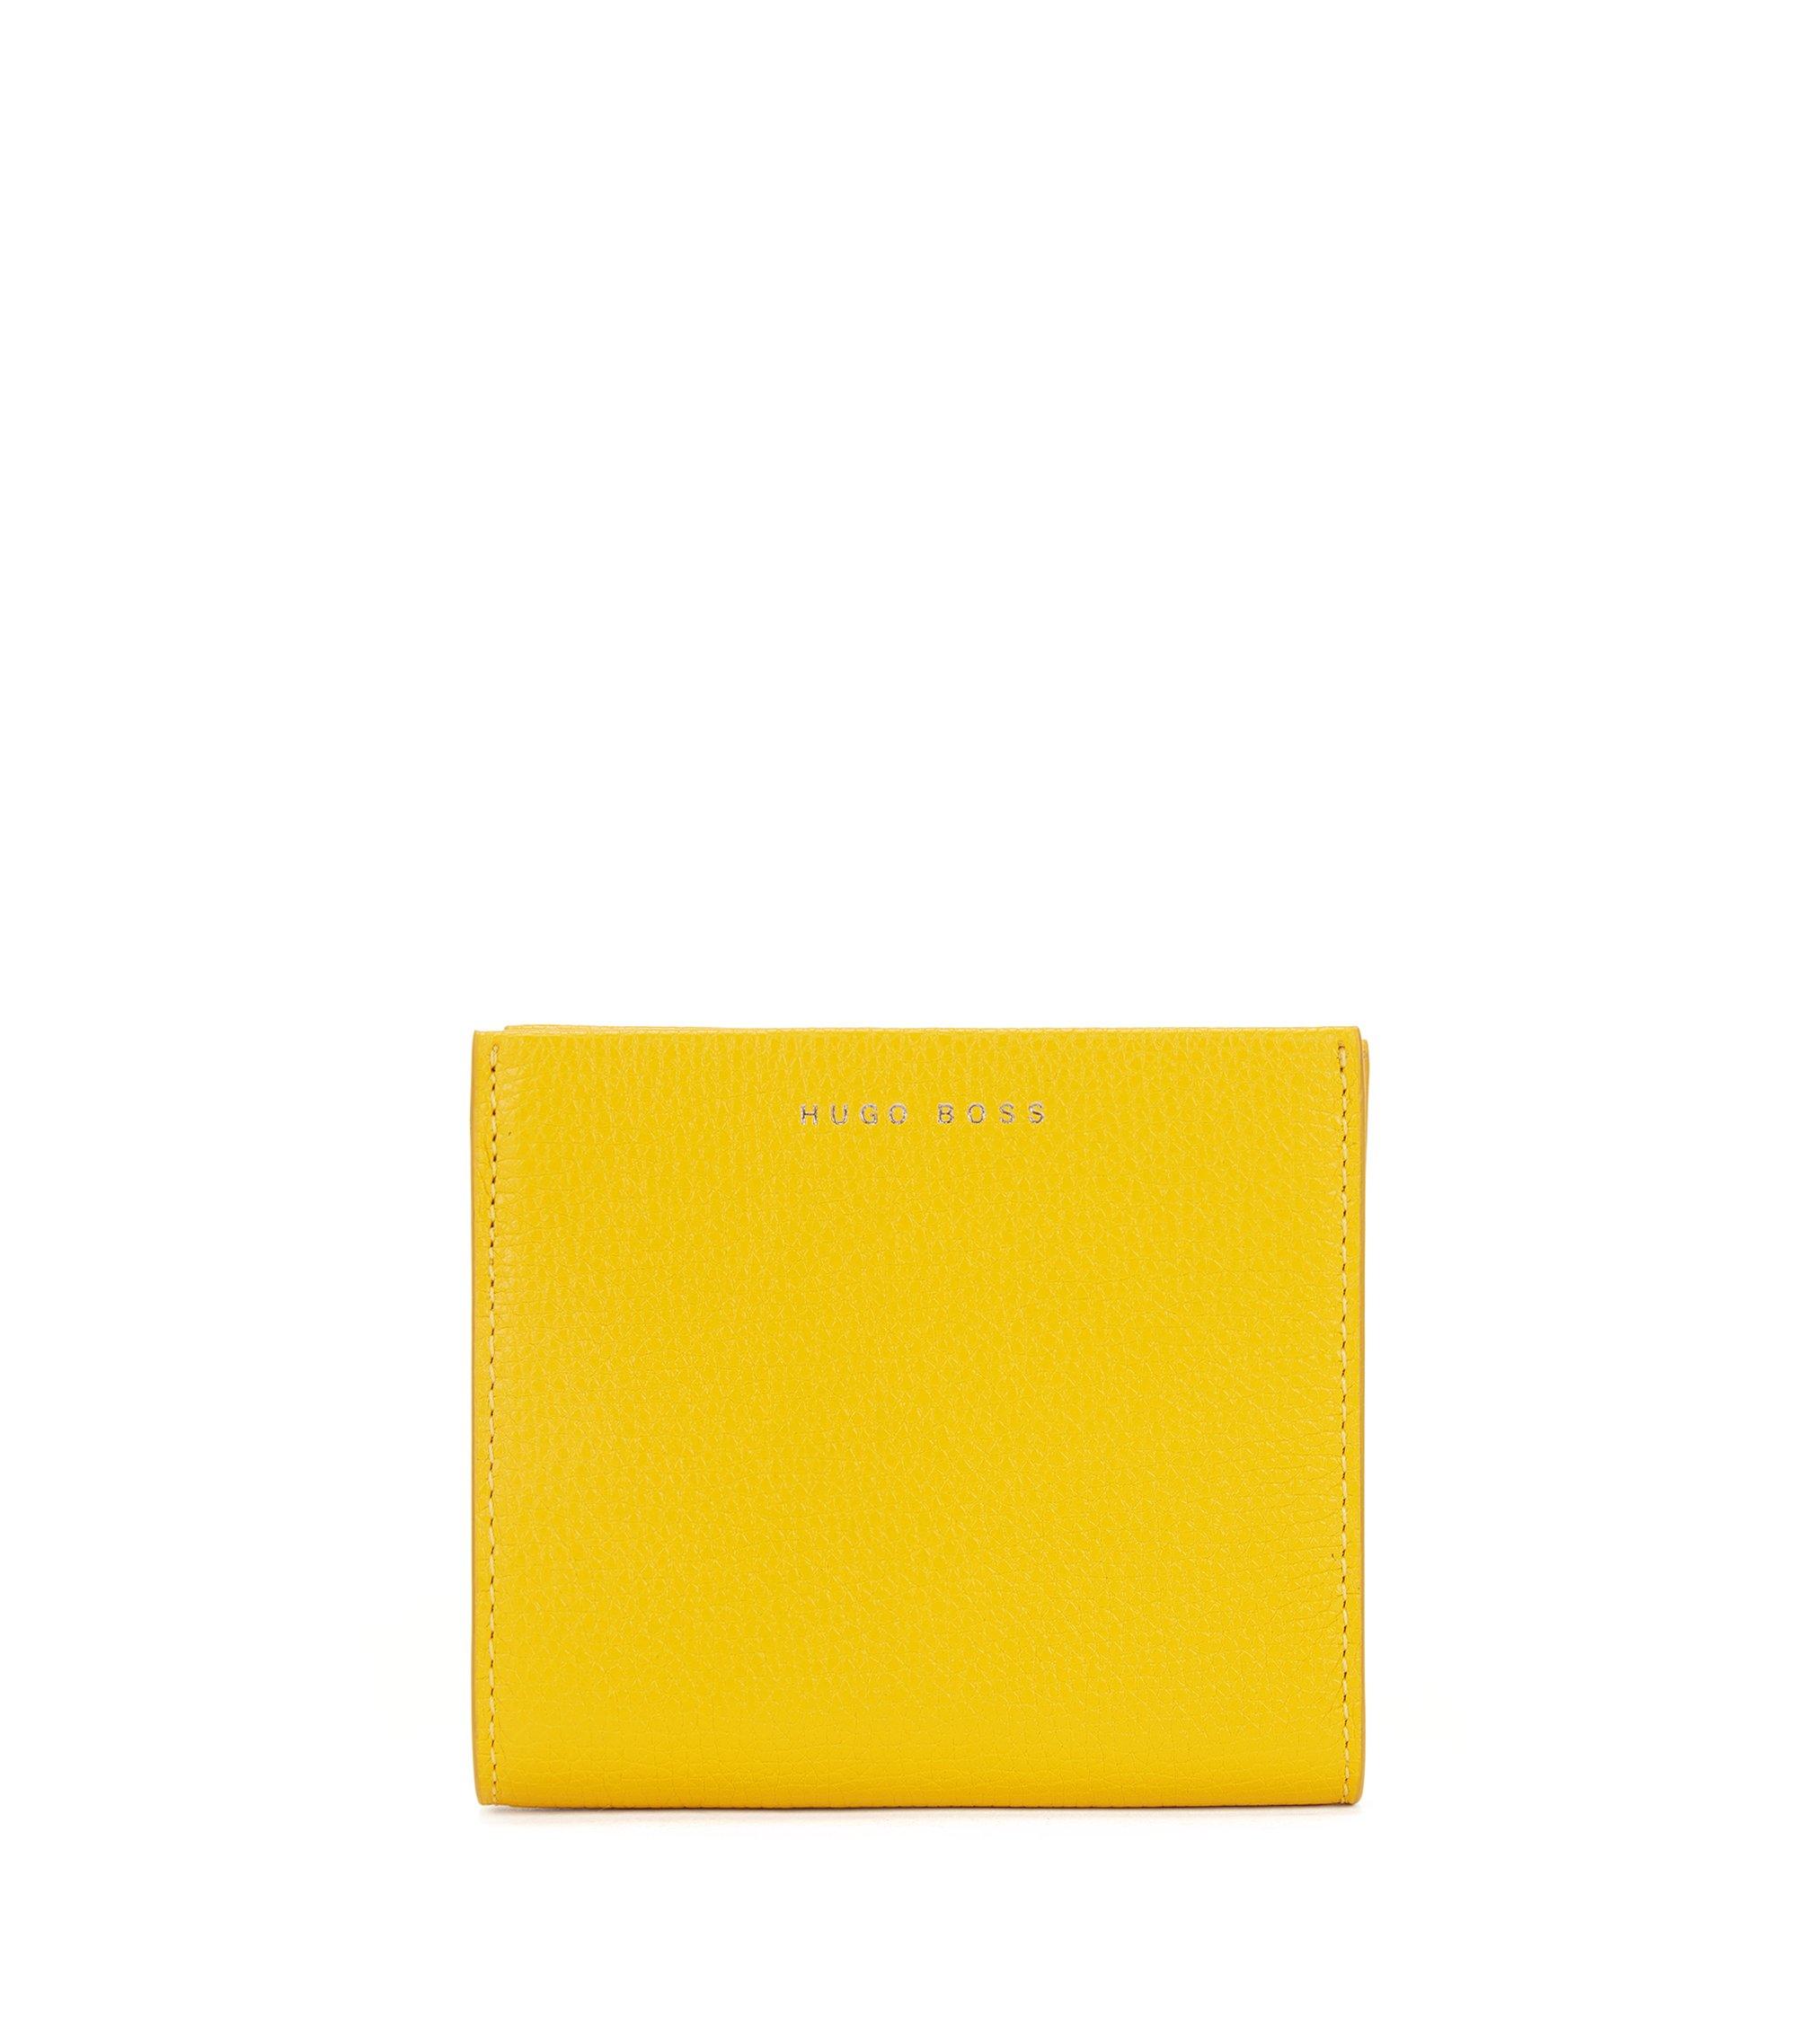 Petit portefeuille en cuir italien grainé, avec fermeture éclair circulaire, Jaune